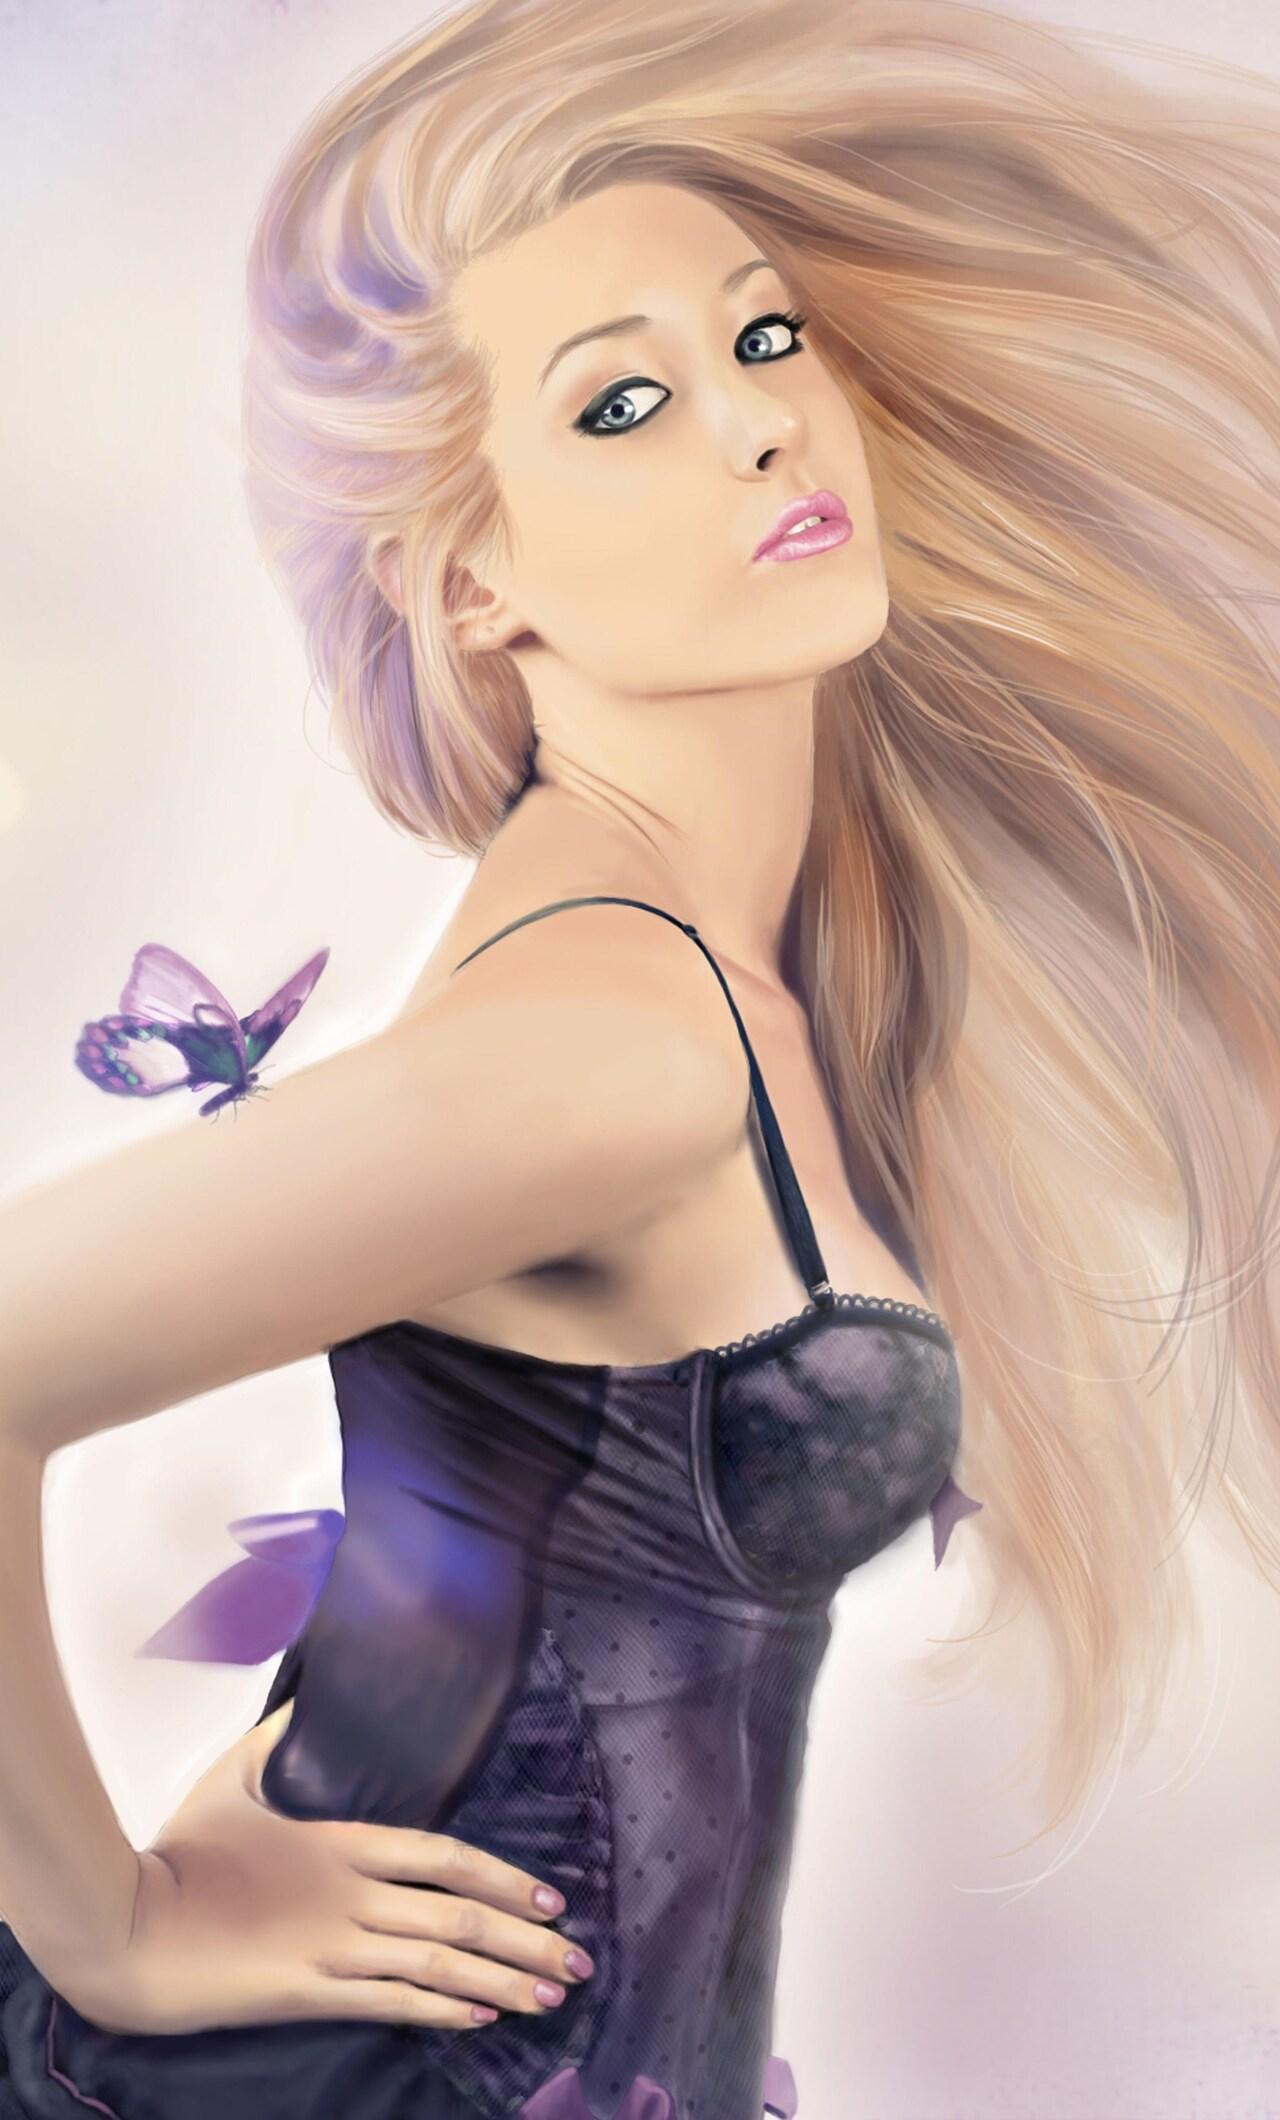 girl-with-butterflies.jpg